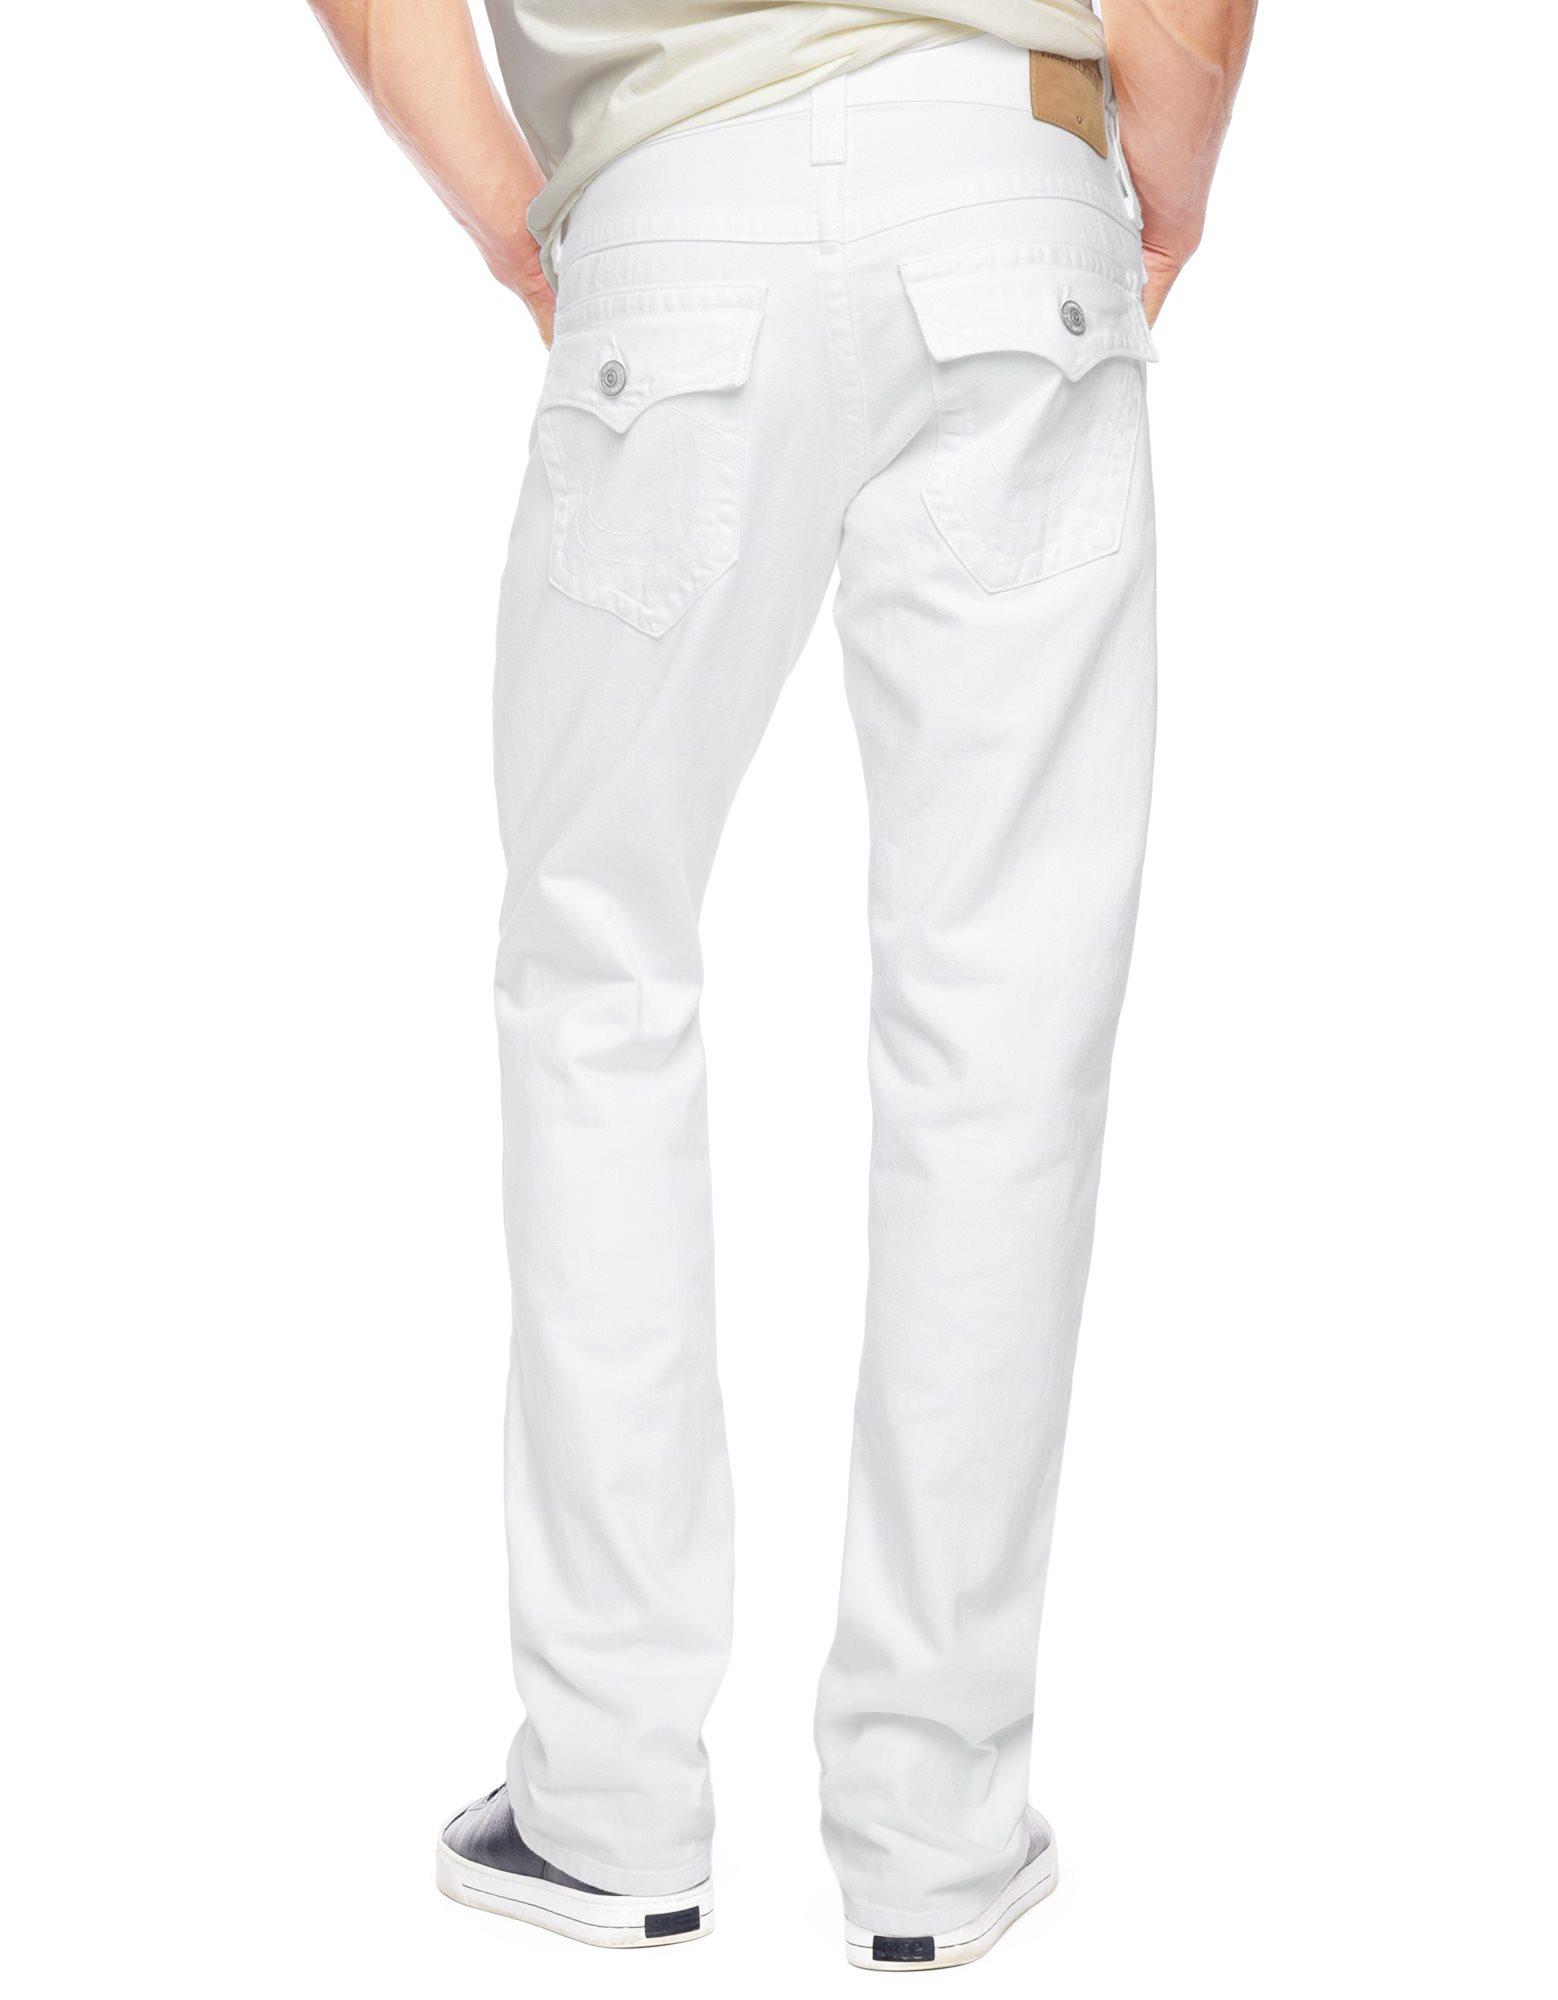 Lyst - True Religion Ricky Straight Mens Jean in White for Men